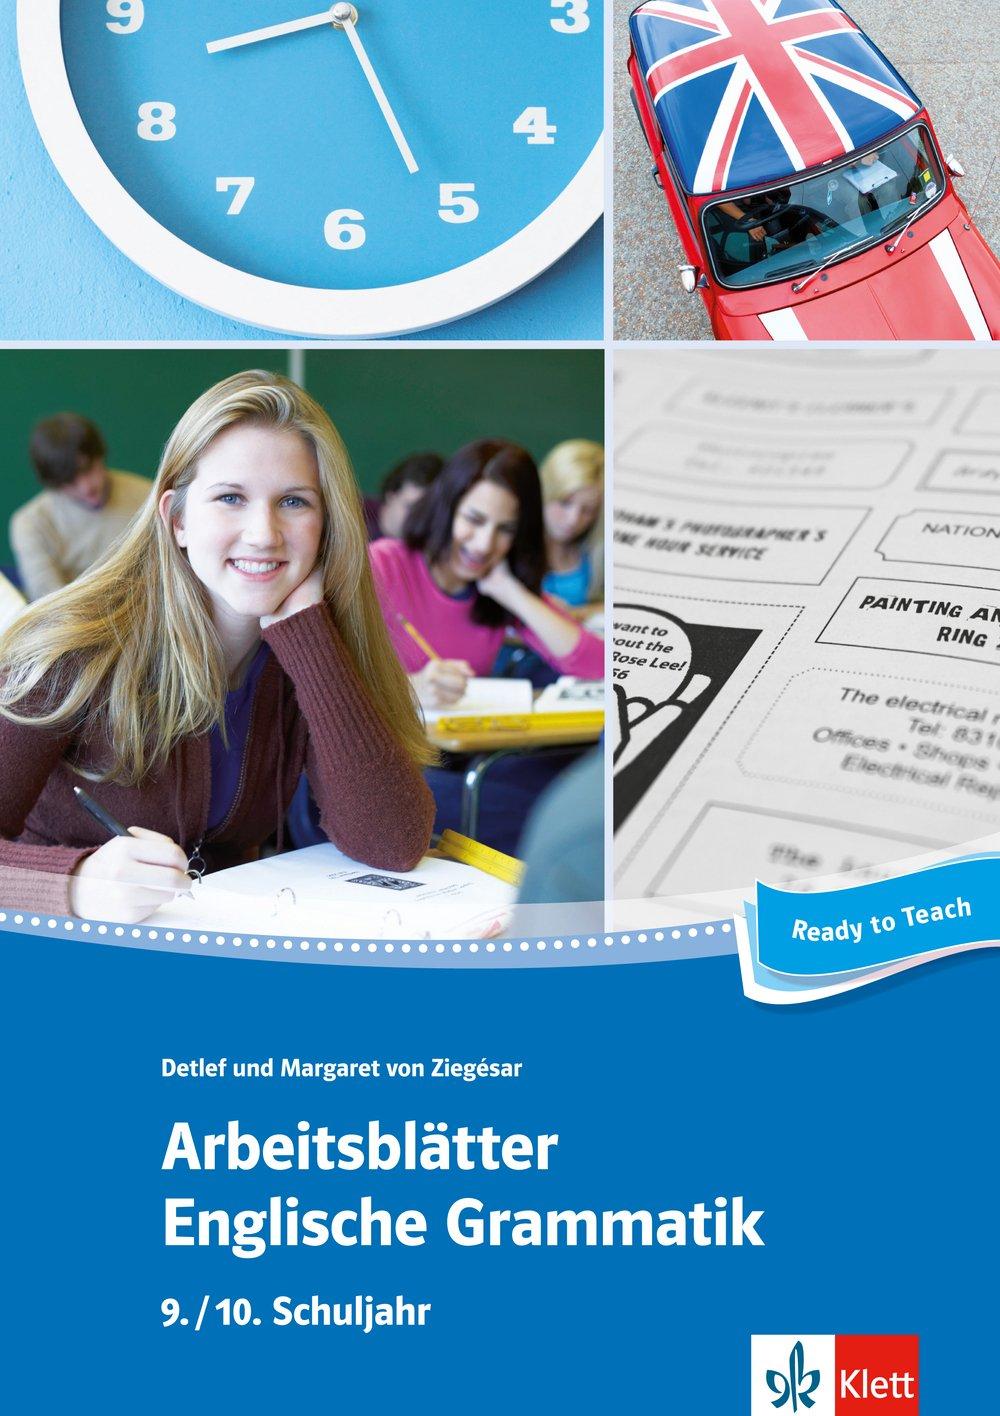 Arbeitsblätter Englische Grammatik 9./ 10. Schuljahr: 32 Arbeitsblätter für einen kommunikativen Grammatikunterricht